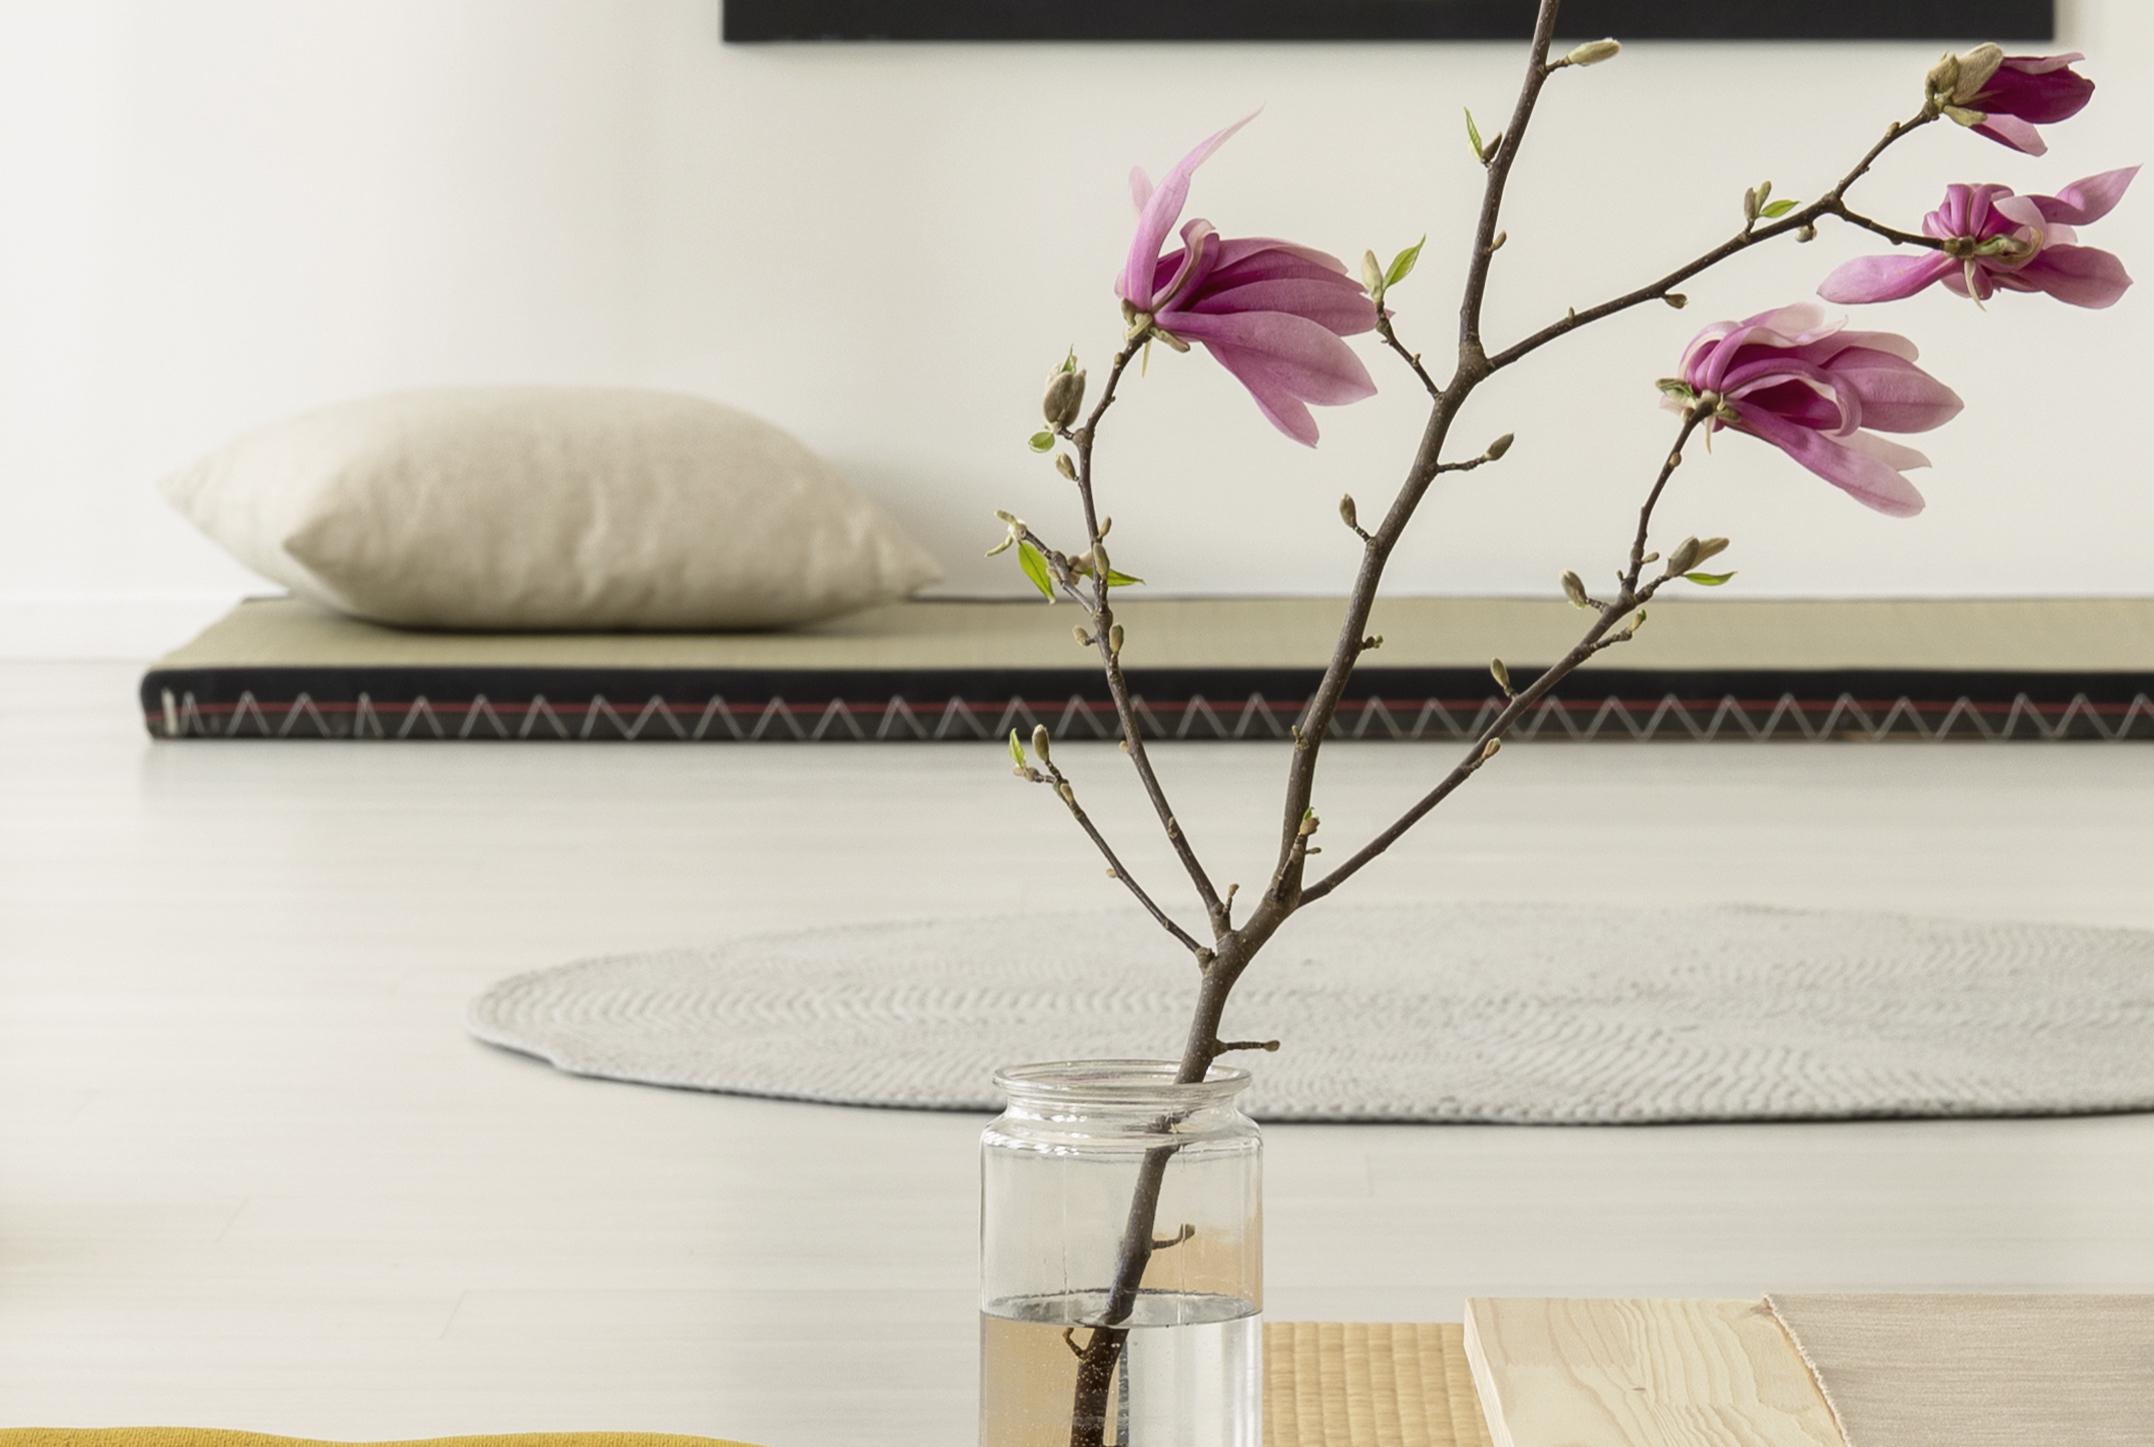 flres-rosas-y-al-fondo-tatami-y-almohadon